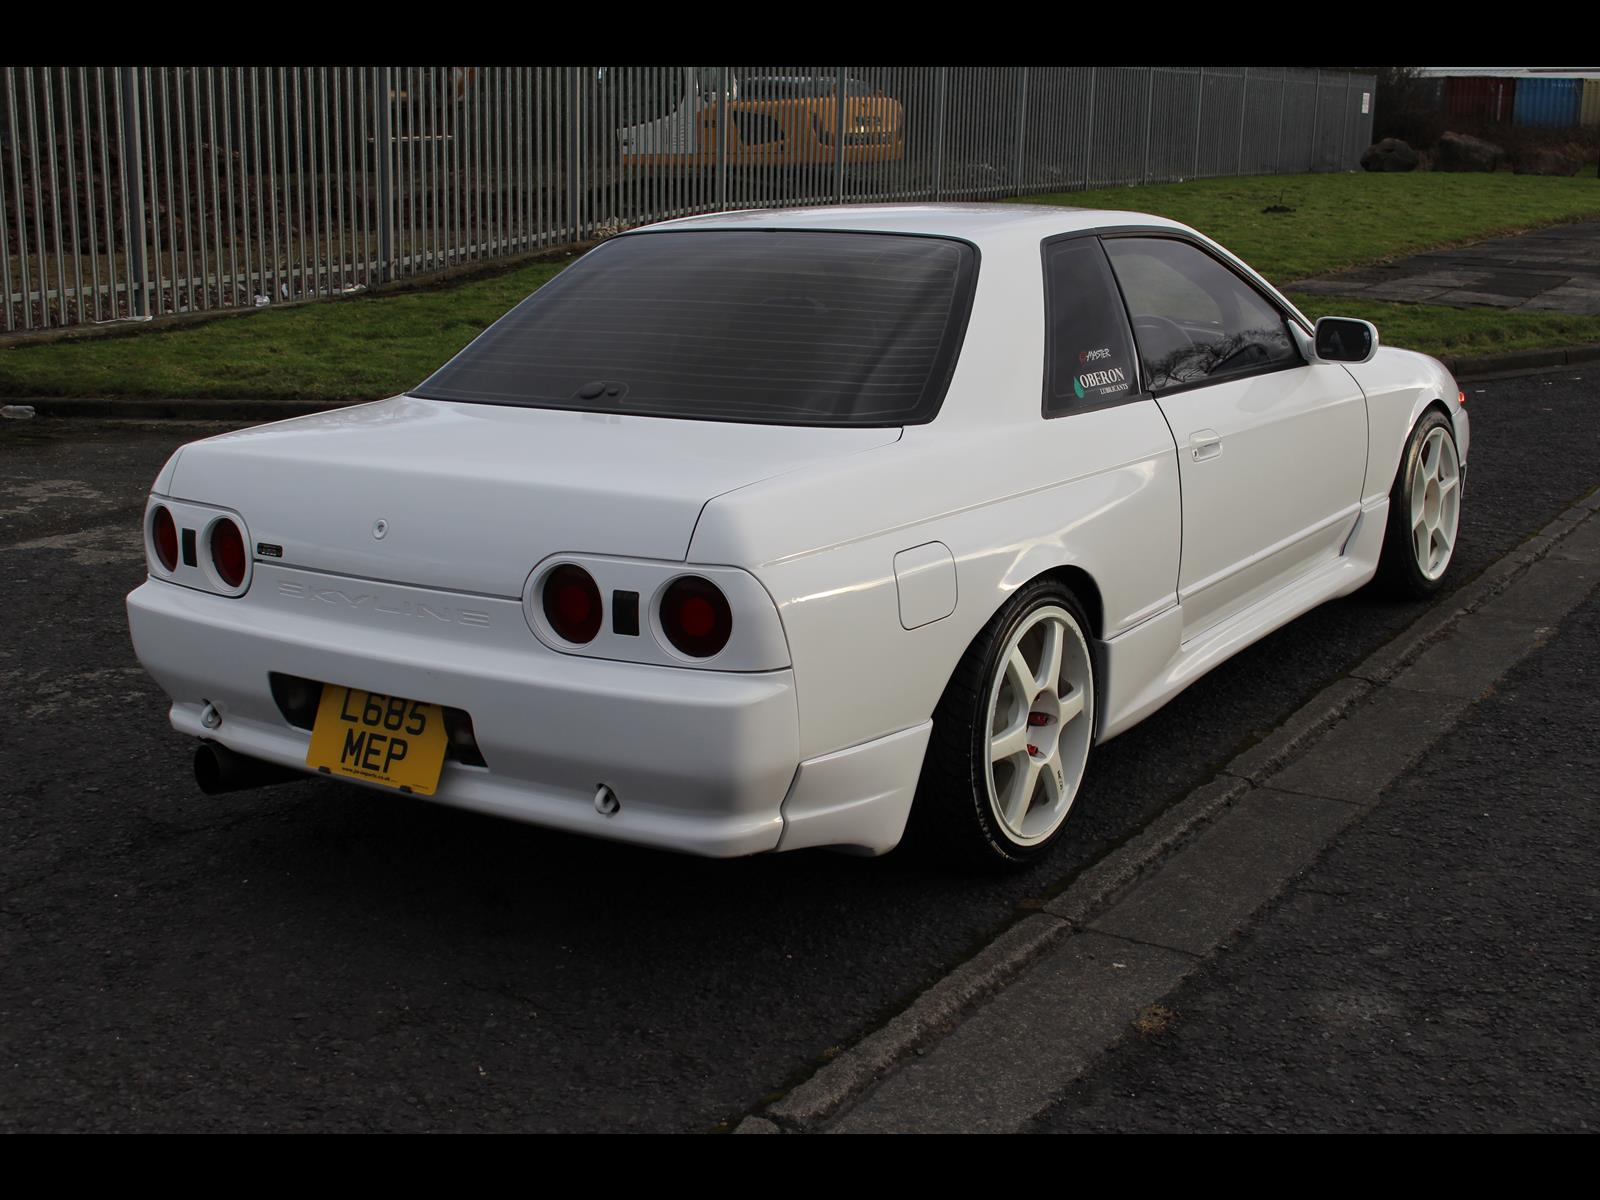 Import Cars For Sale >> 1993 Nissan Skyline R32 GTST RB25DET Track car - JM-Imports